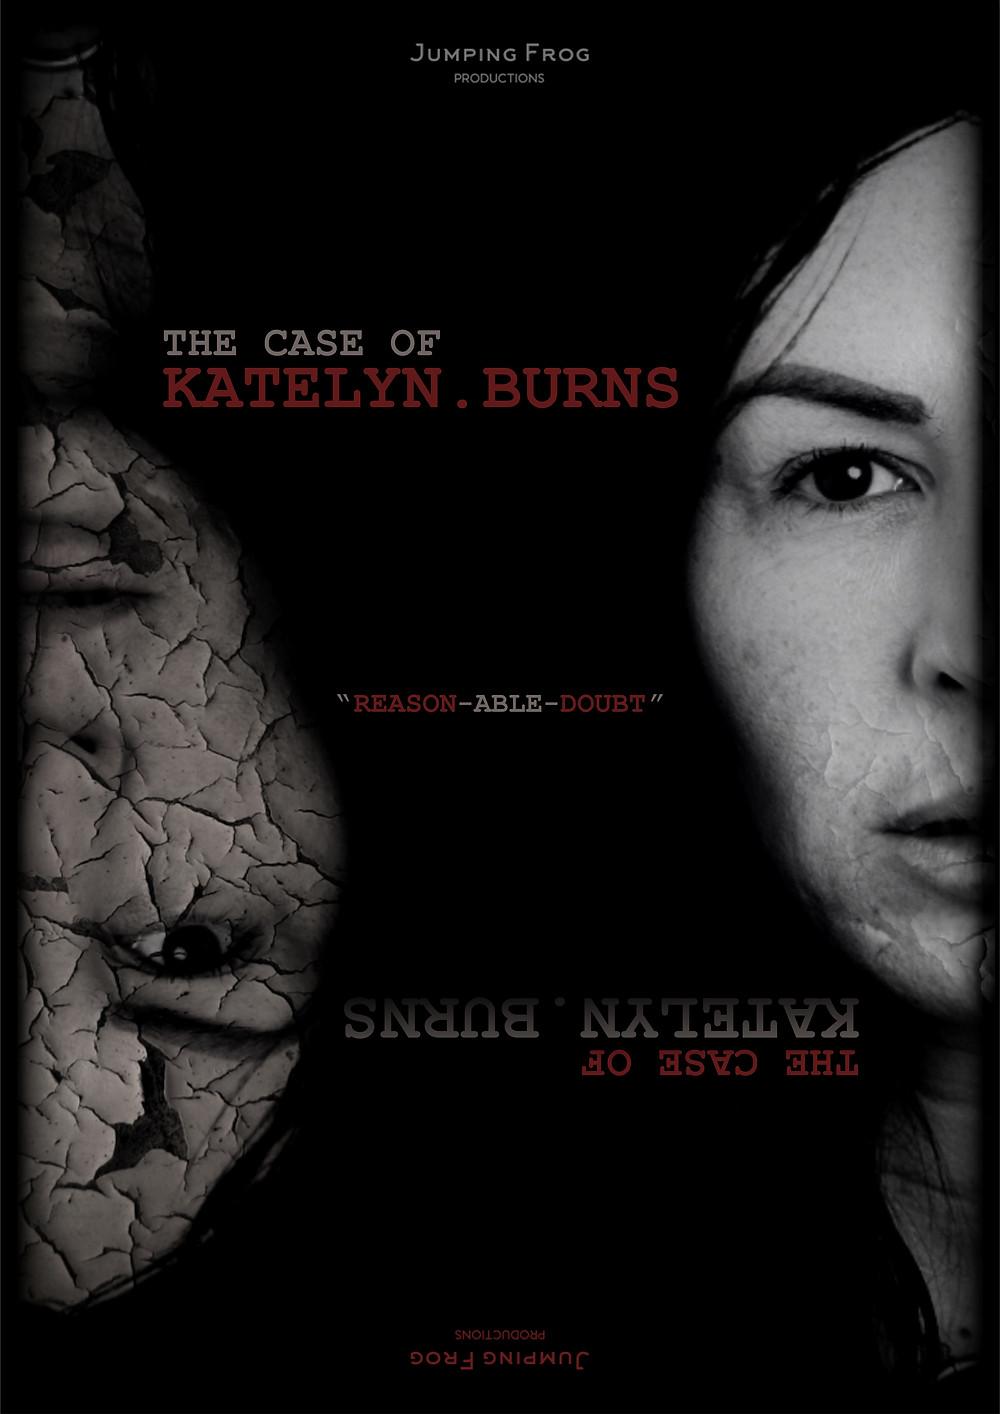 The Case of Katelyn Burns short film poster